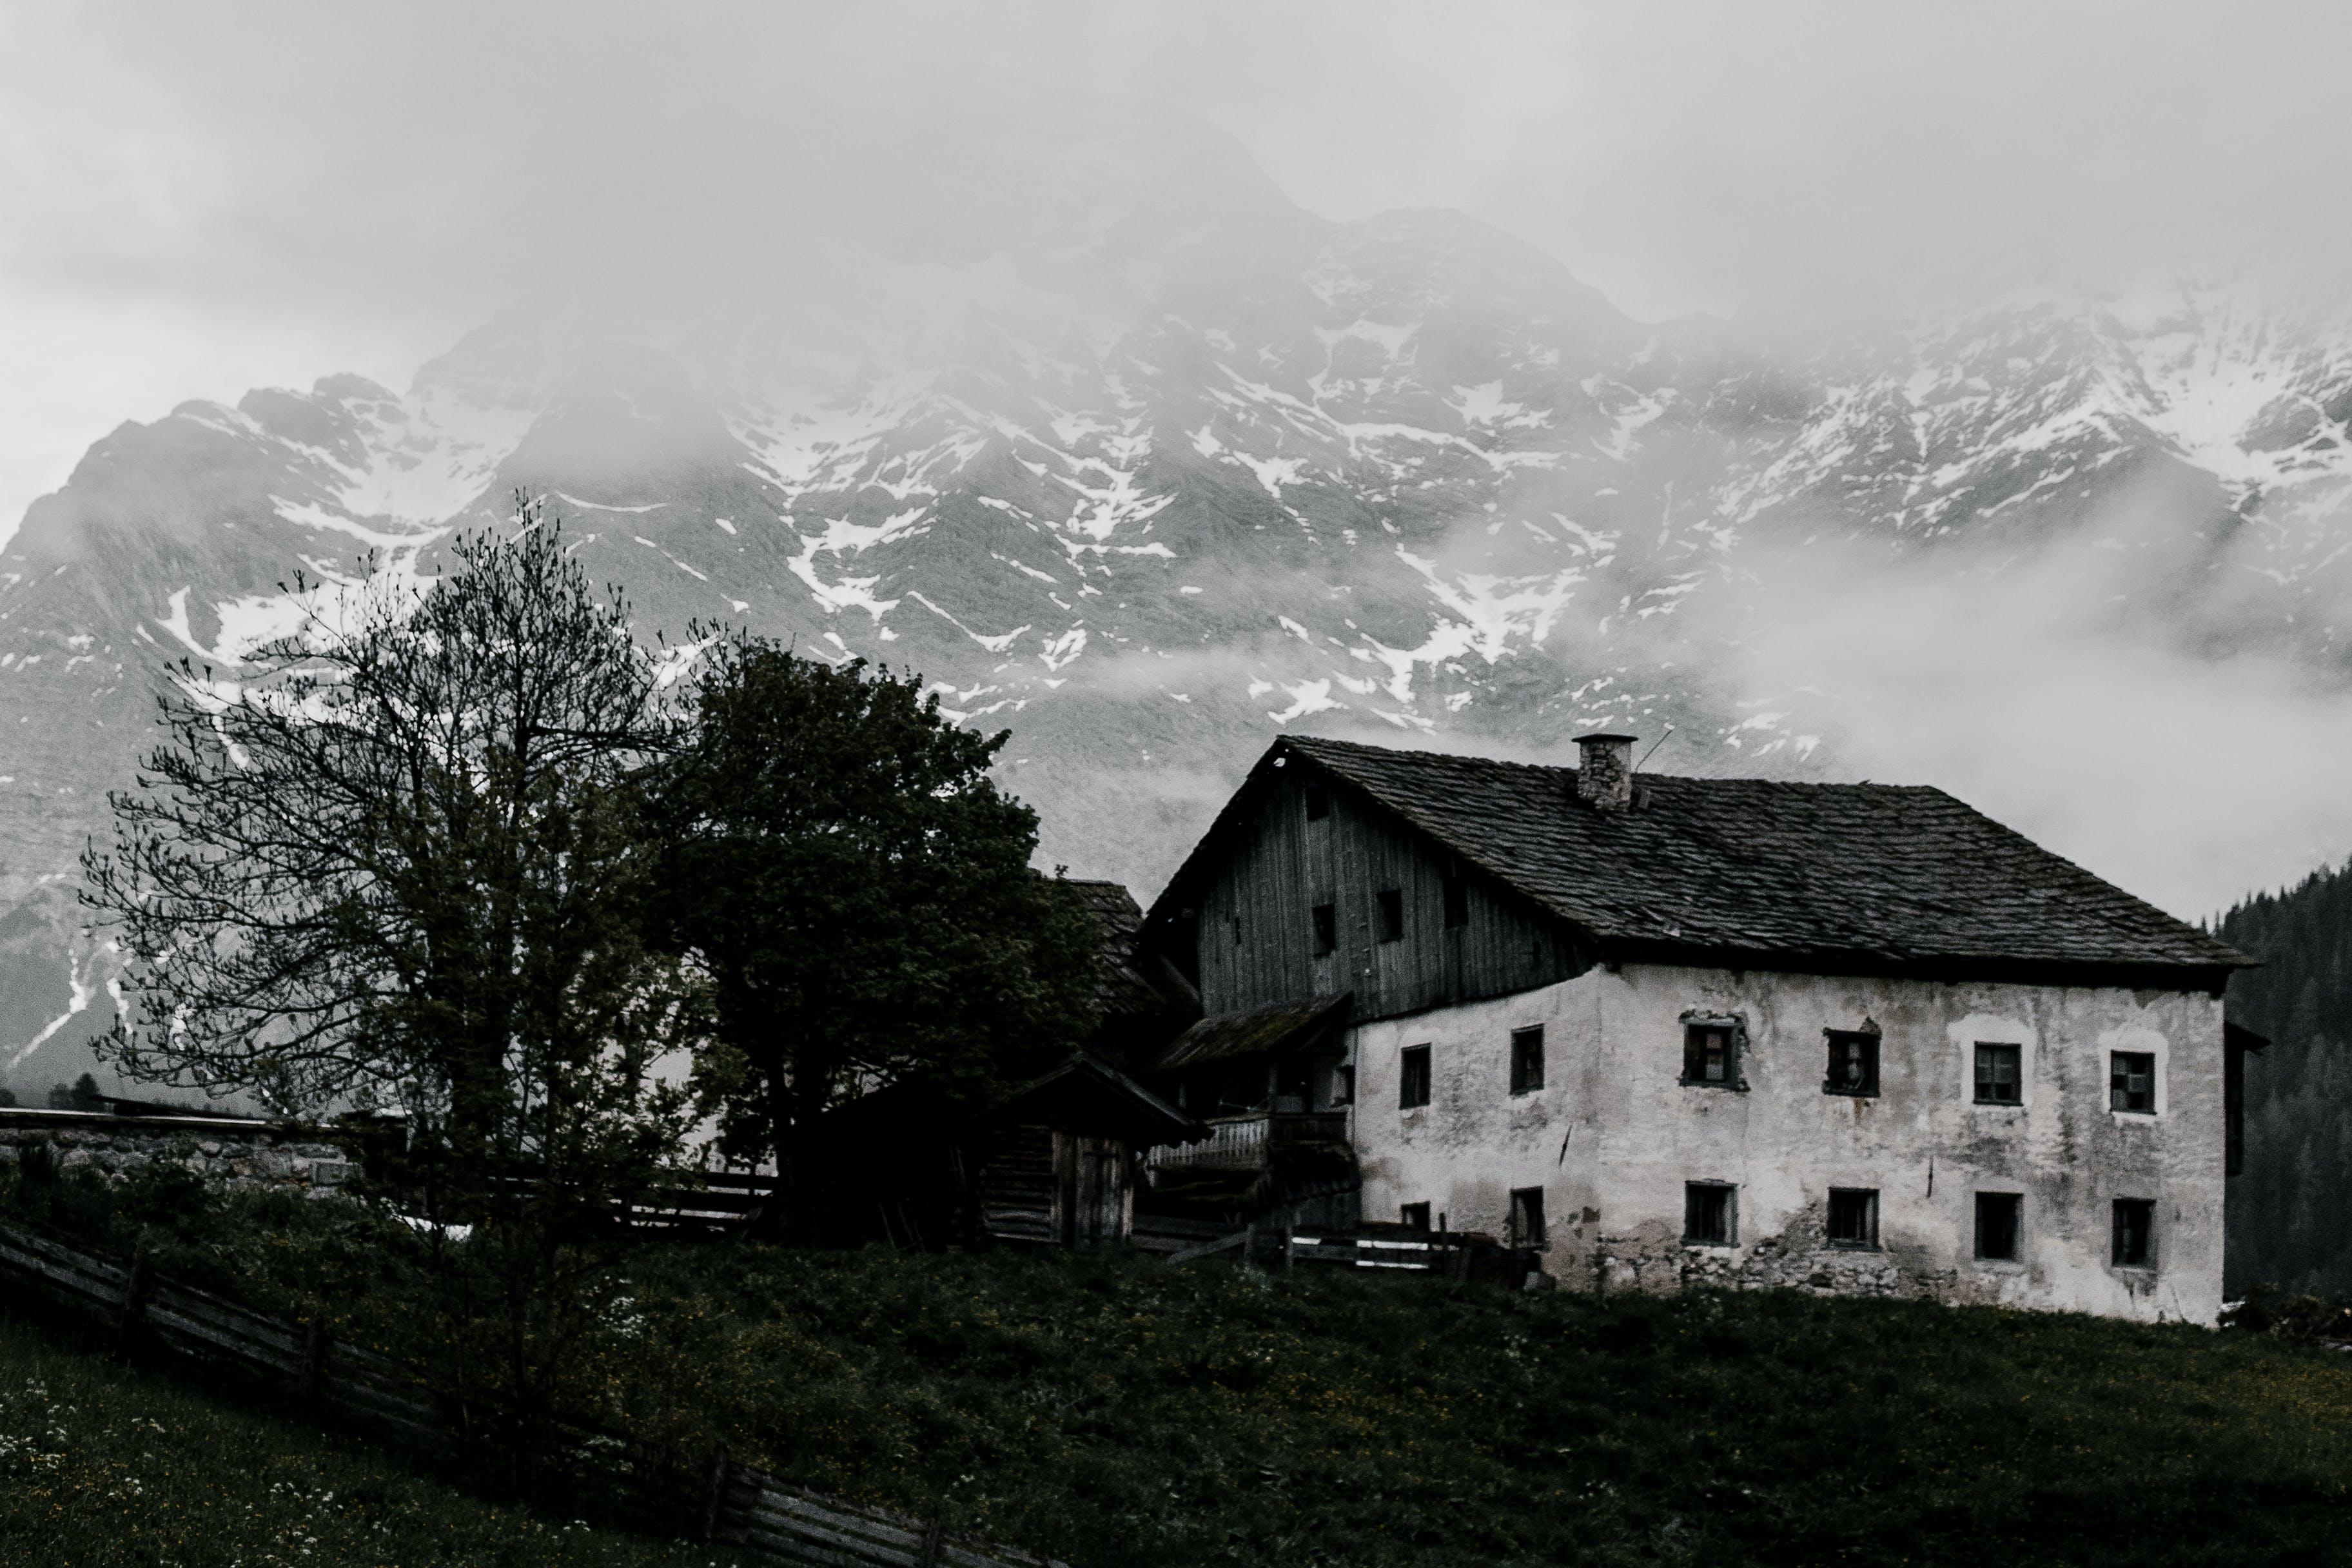 Kostenloses Stock Foto zu bauernhaus, berg, landschaft, nebel